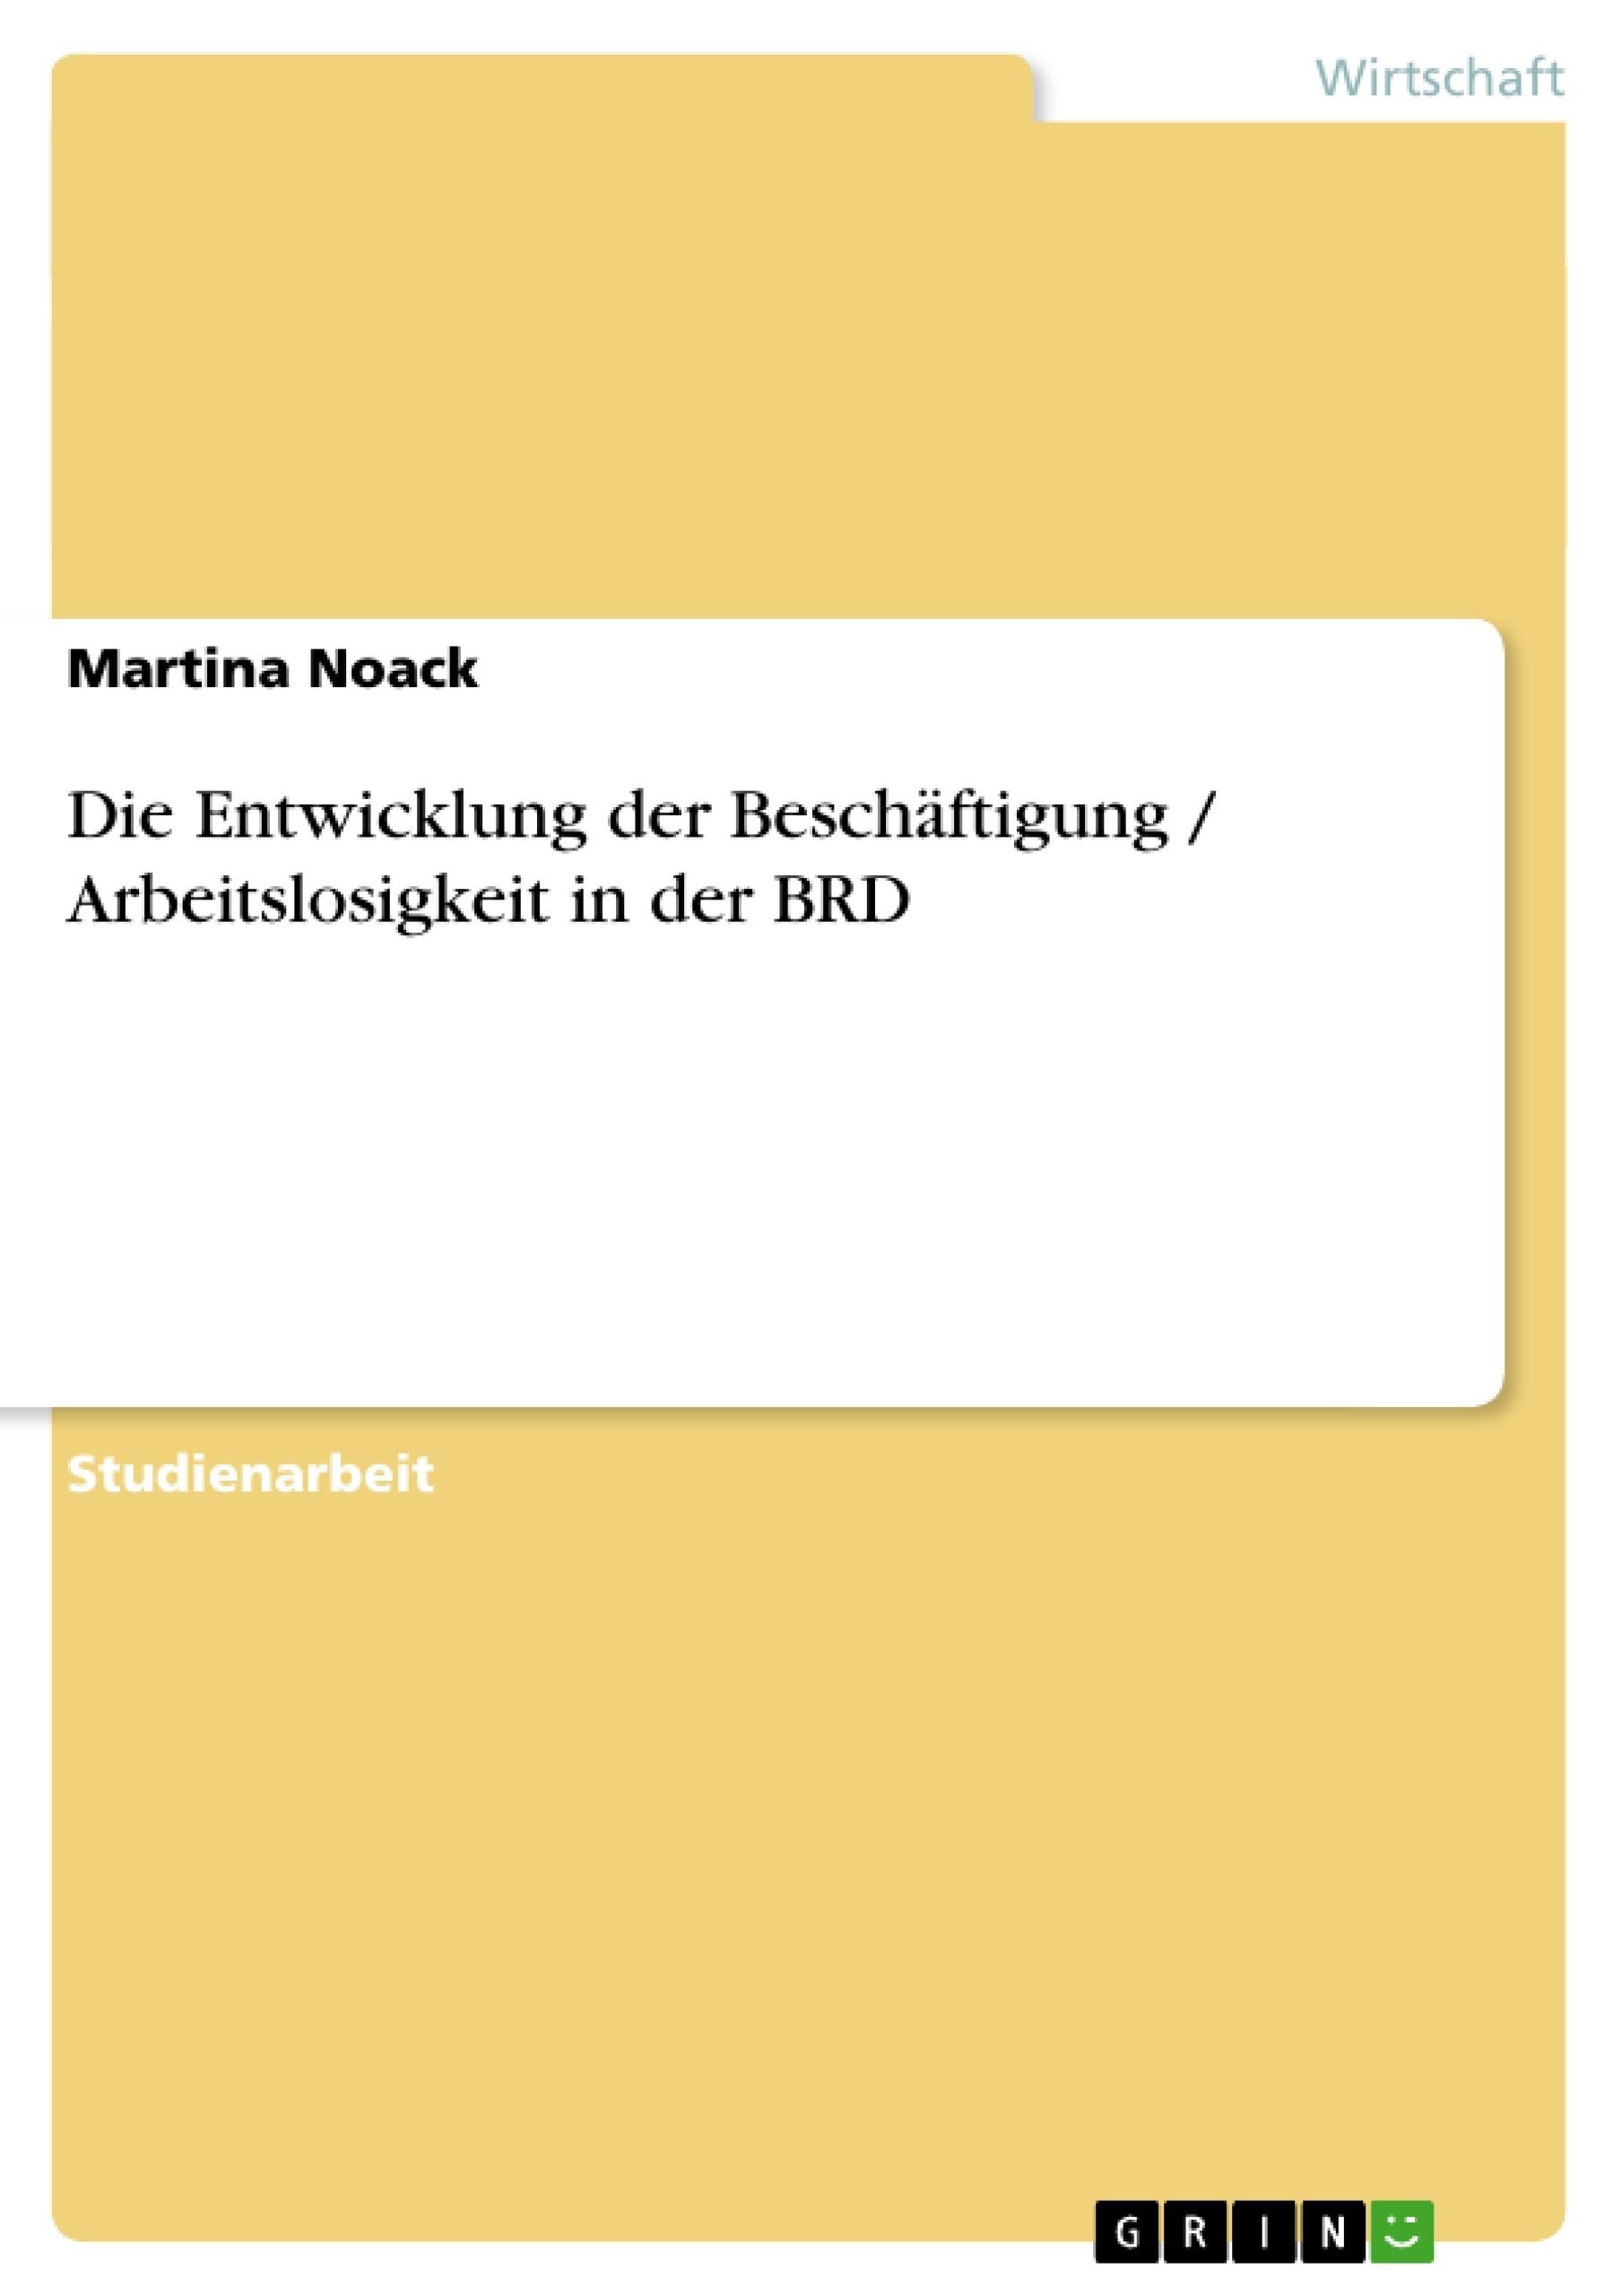 Titel: Die Entwicklung der Beschäftigung / Arbeitslosigkeit in der BRD